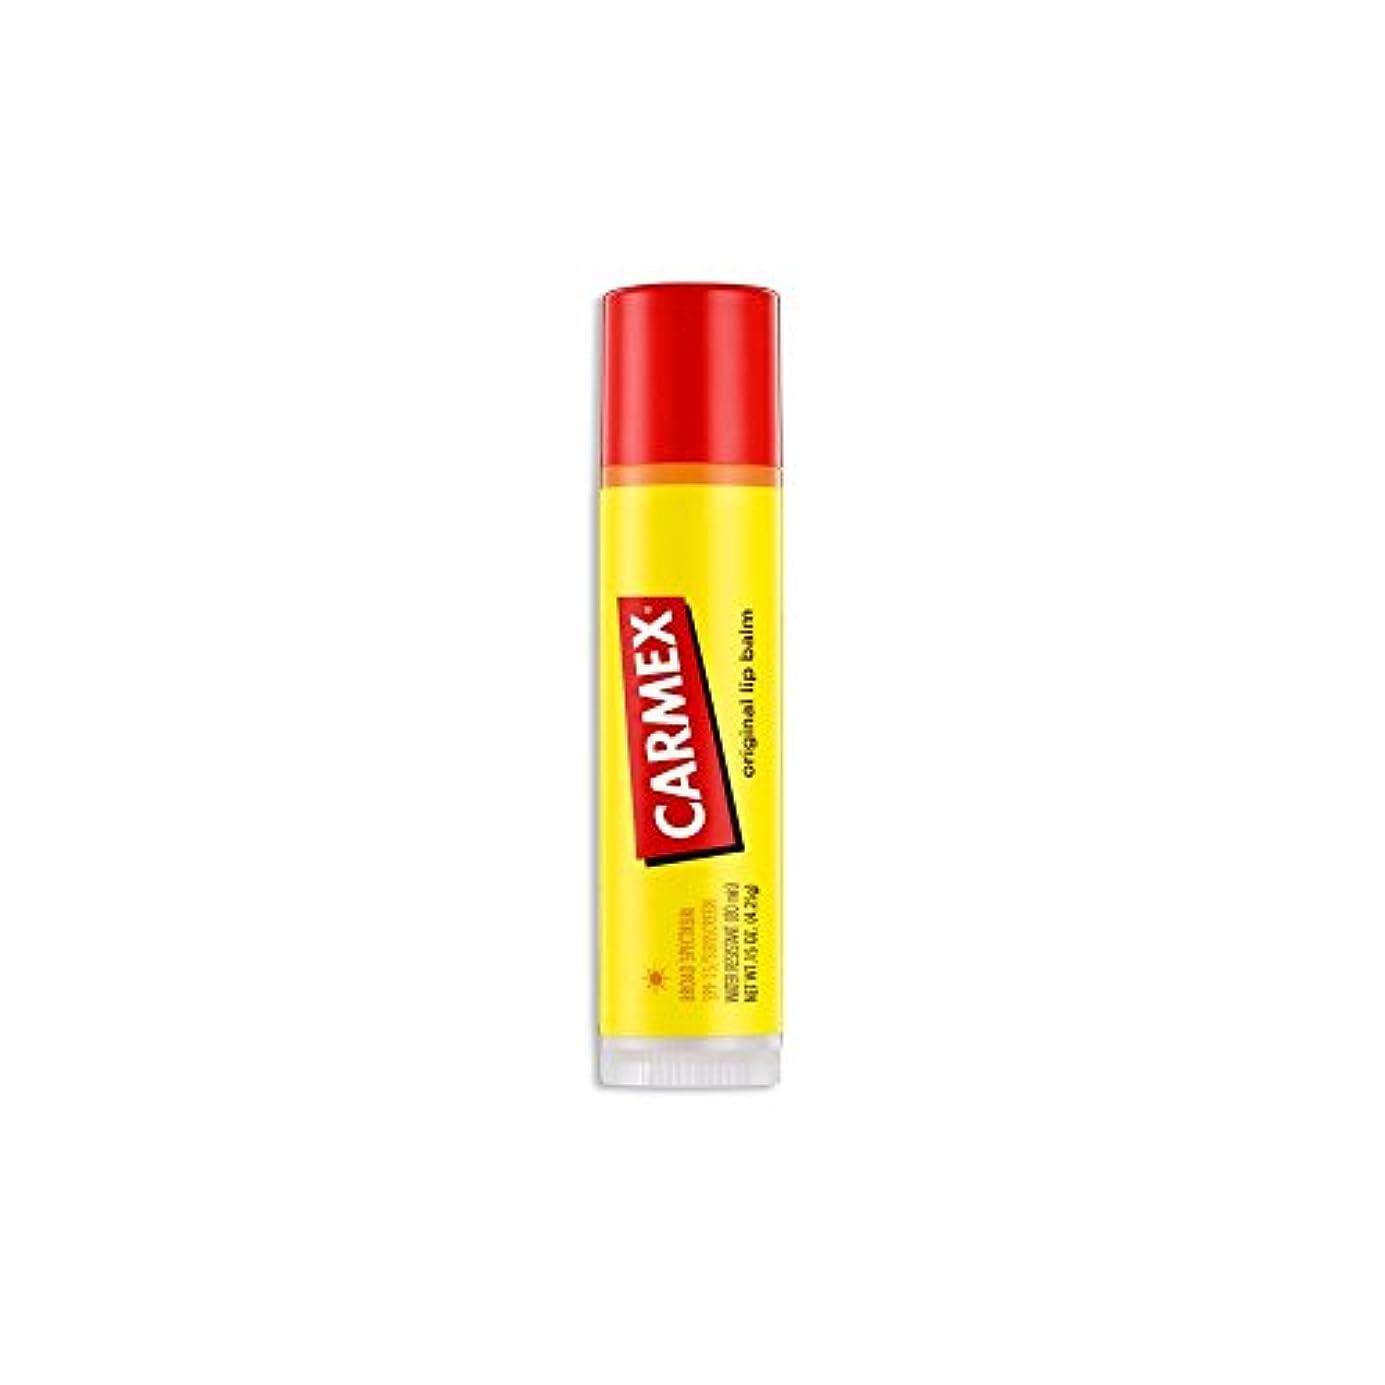 定義便宜いらいらさせる(3 Pack) CARMEX Original Flavor Sticks Original (並行輸入品)